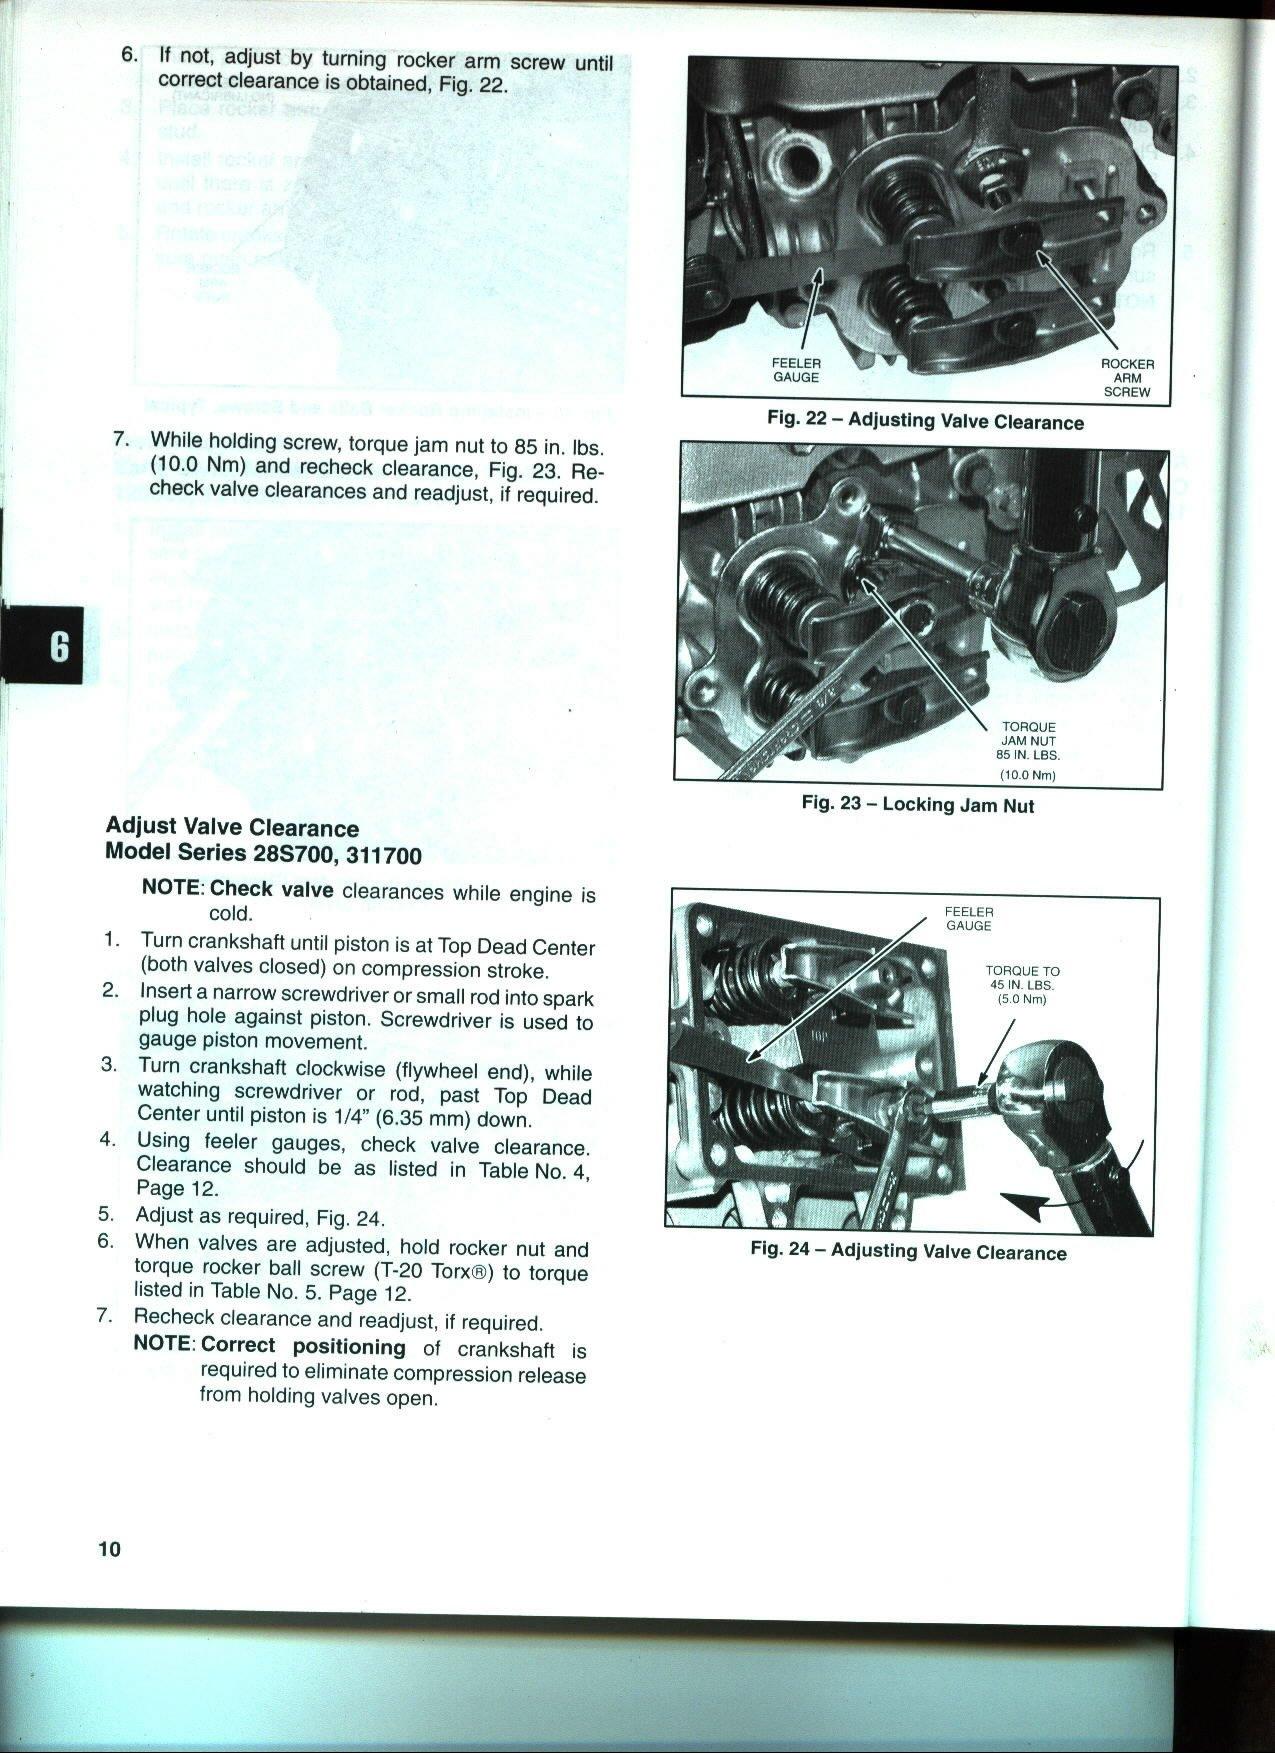 Repair Manuals, Books, & Catalogs - Briggs .